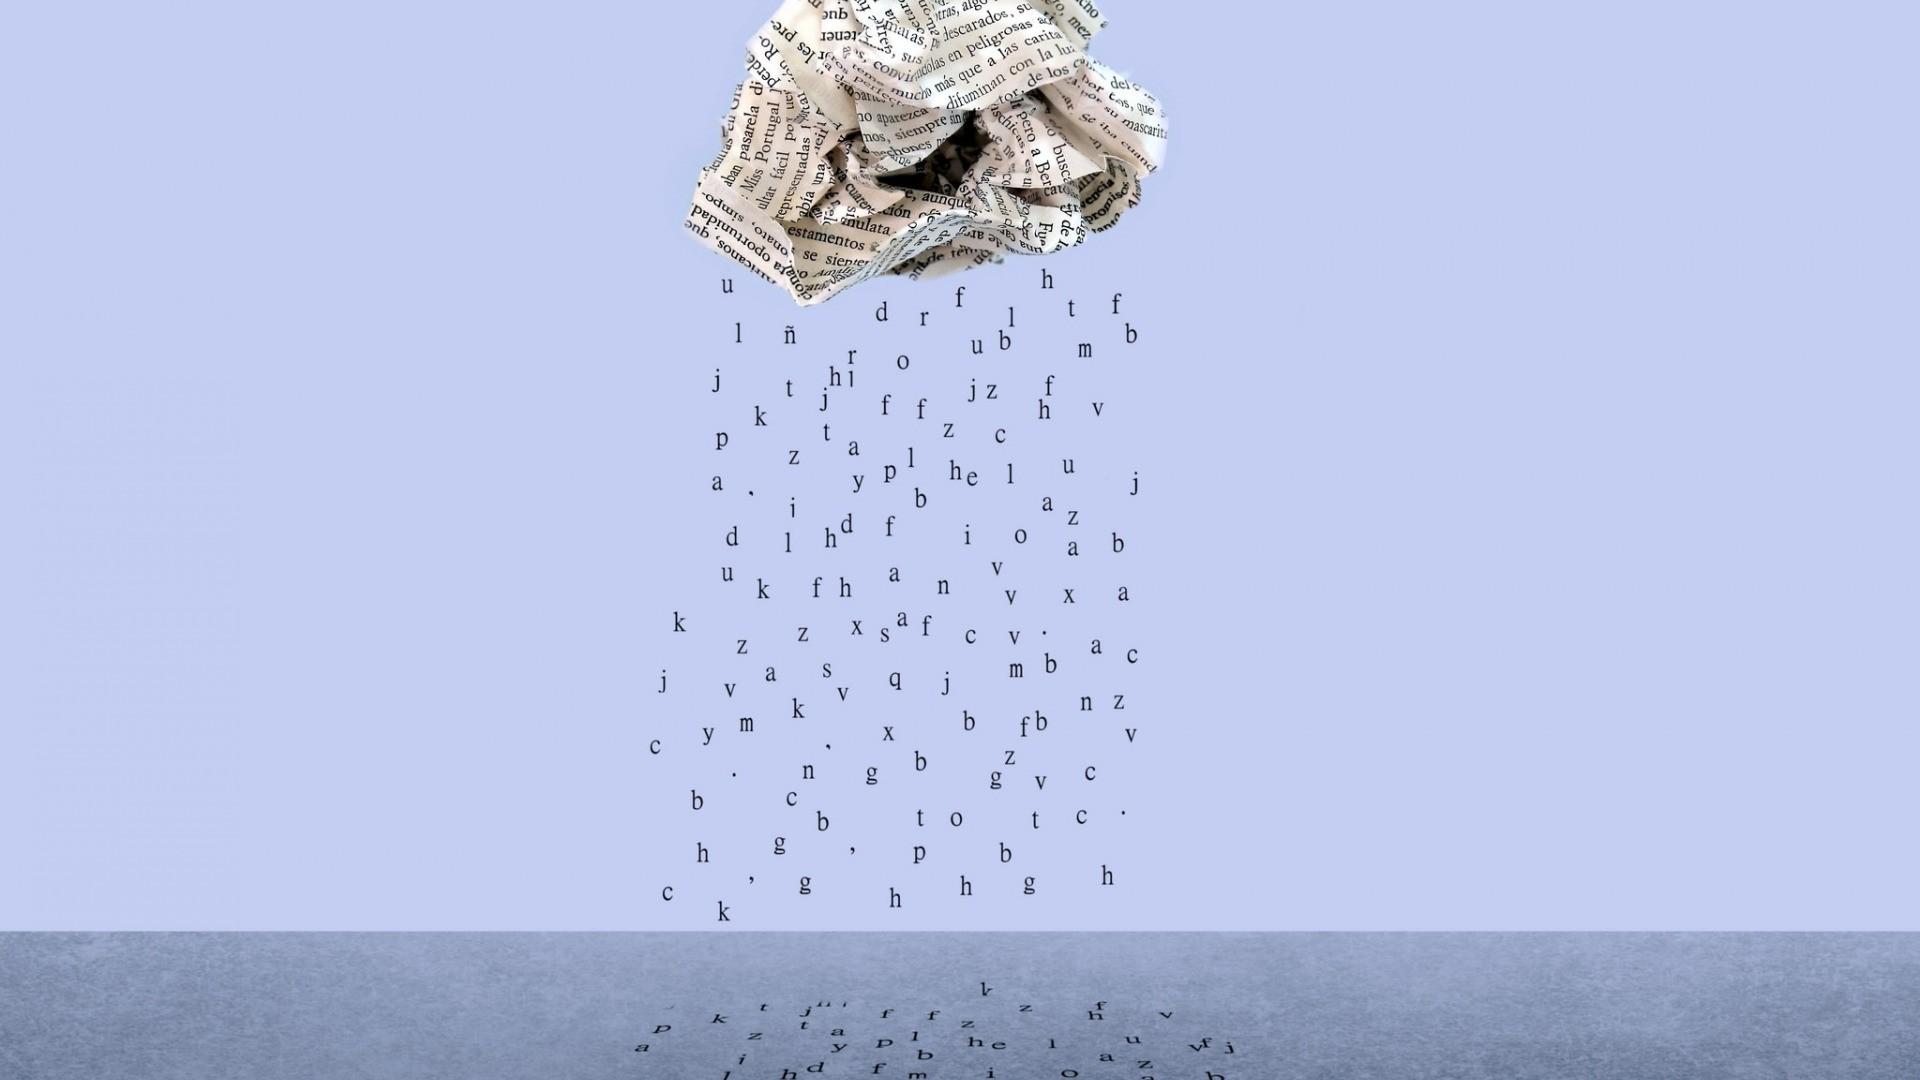 Rain Minimalist Wallpaper